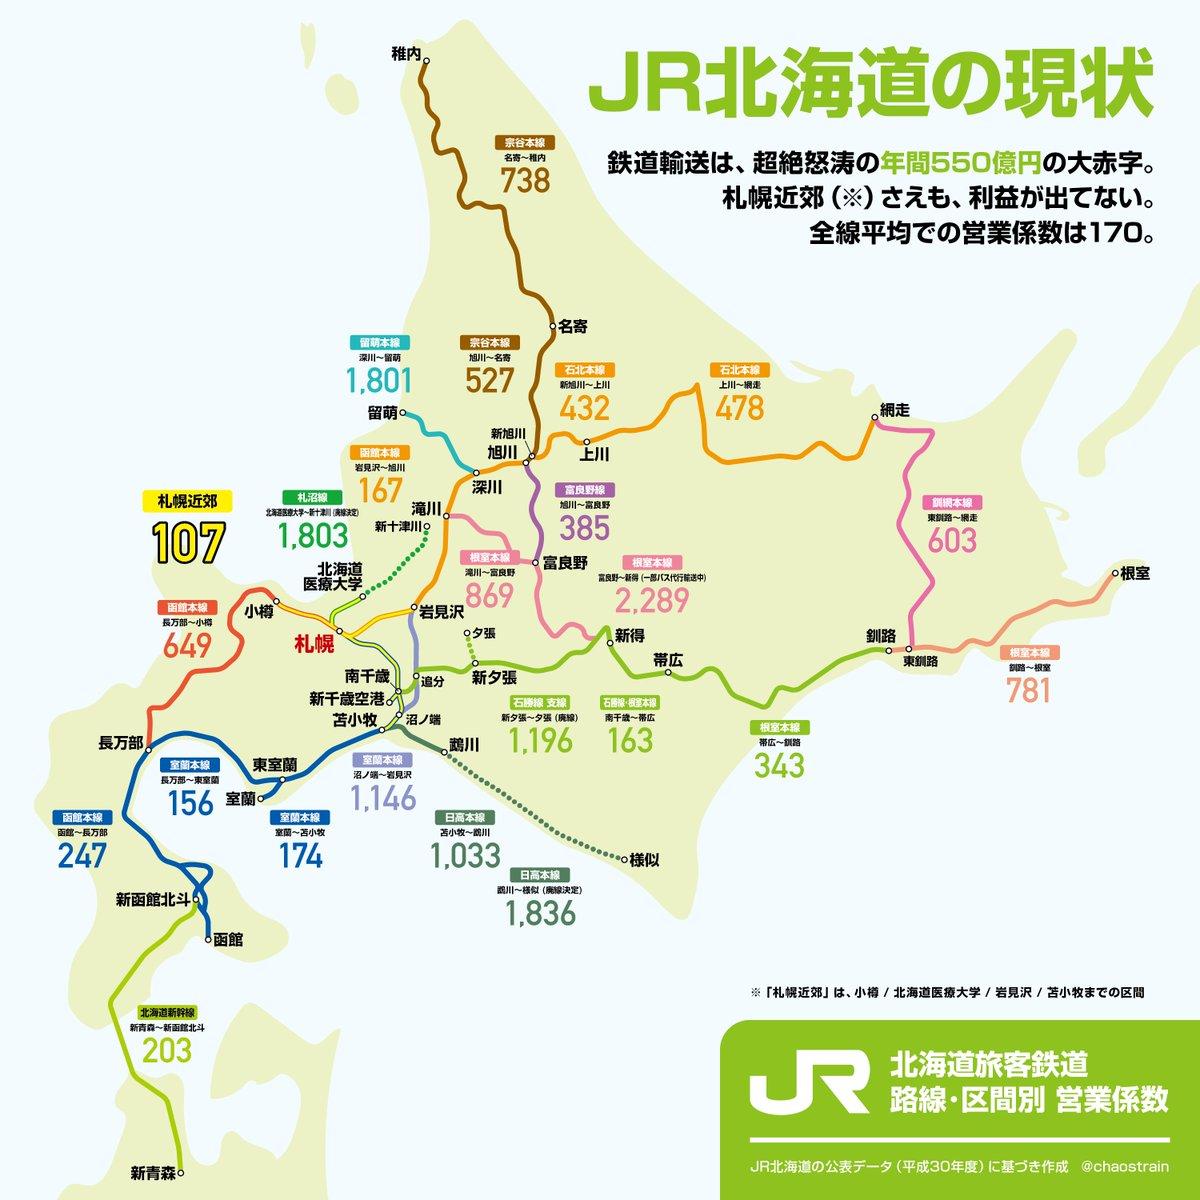 赤字 北海道 新幹線 北海道新幹線、予約率2割で50億赤字確実…経営危機のJR北海道、鉄道事業継続困難を示唆